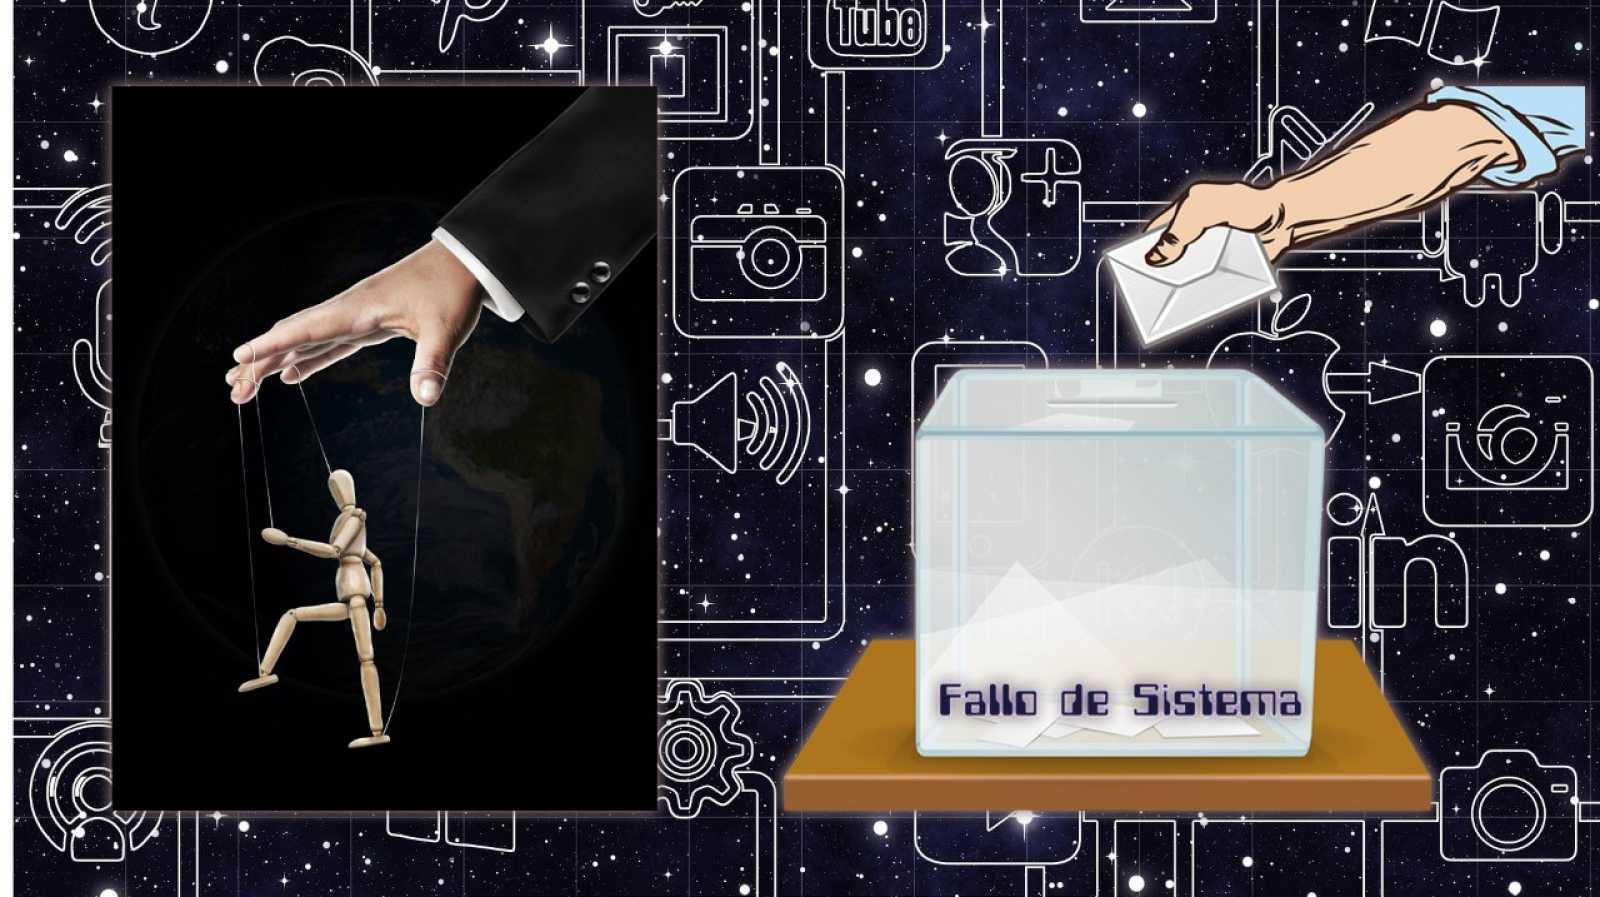 Fallo de sistema - 429: ¿Fiesta de la democracia o de la vigilancia? - 06/12/20 - escuchar ahora